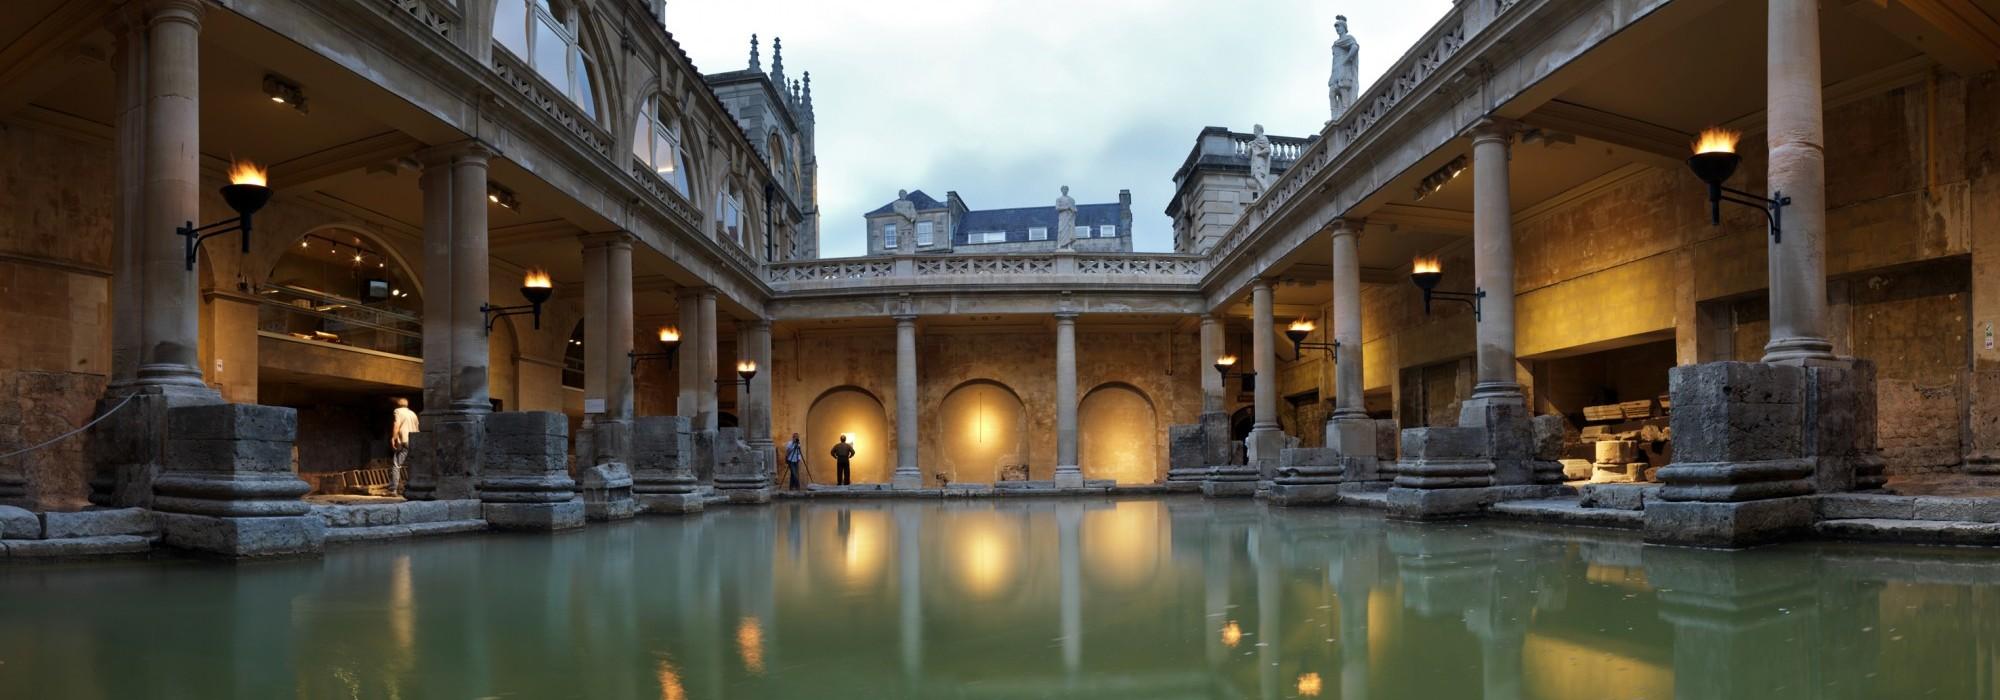 Roman-Baths-005a-e1362150767658.jpg